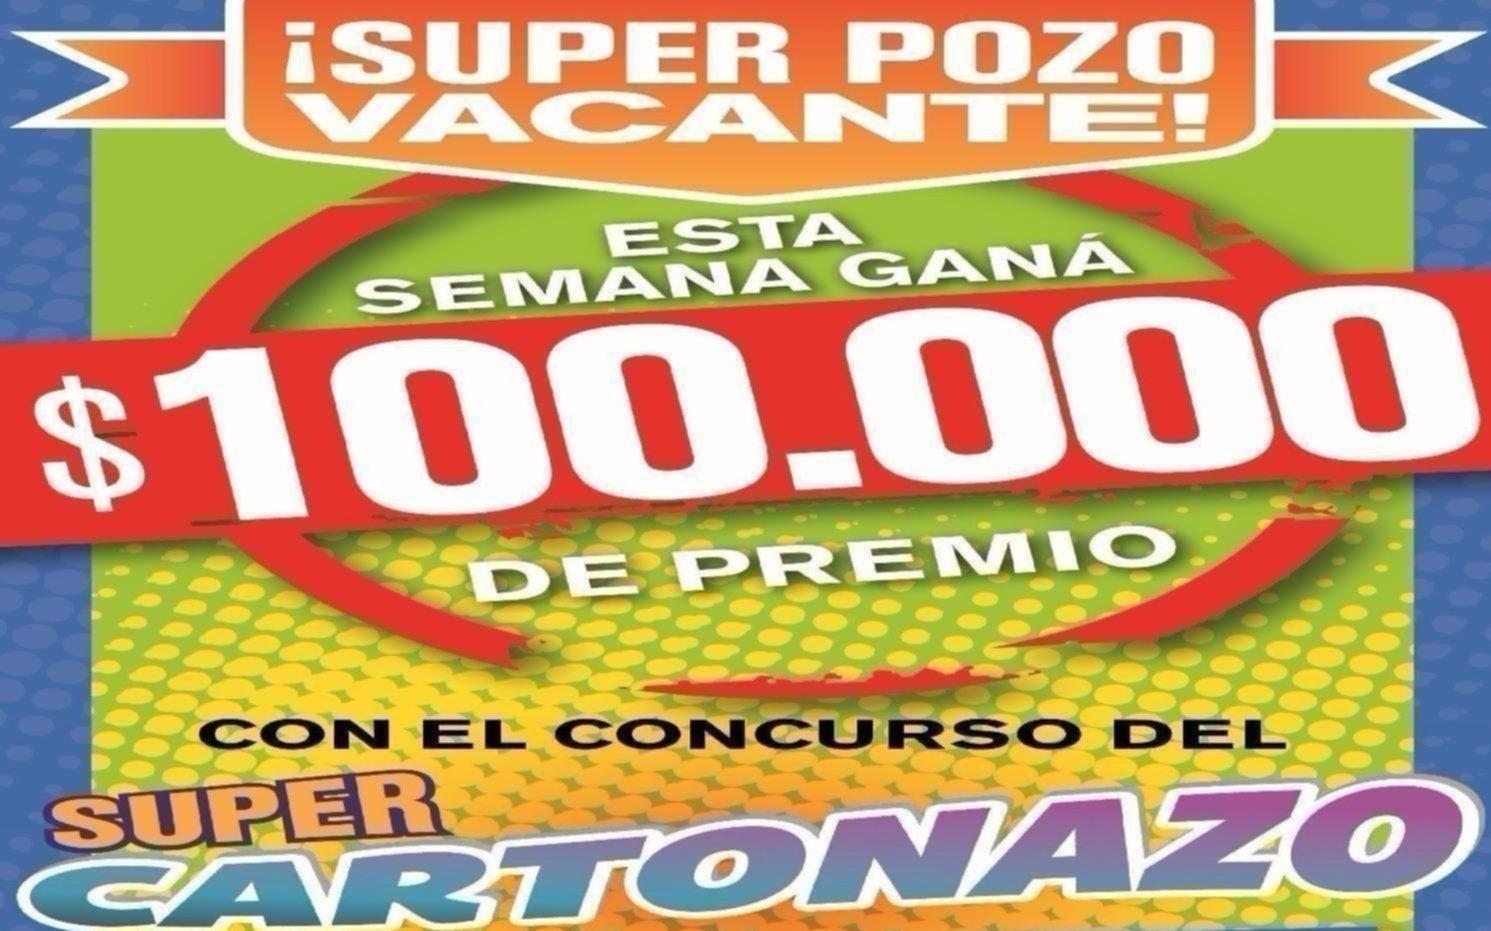 Se define El Cartonazo que esta semana reparte $100.000